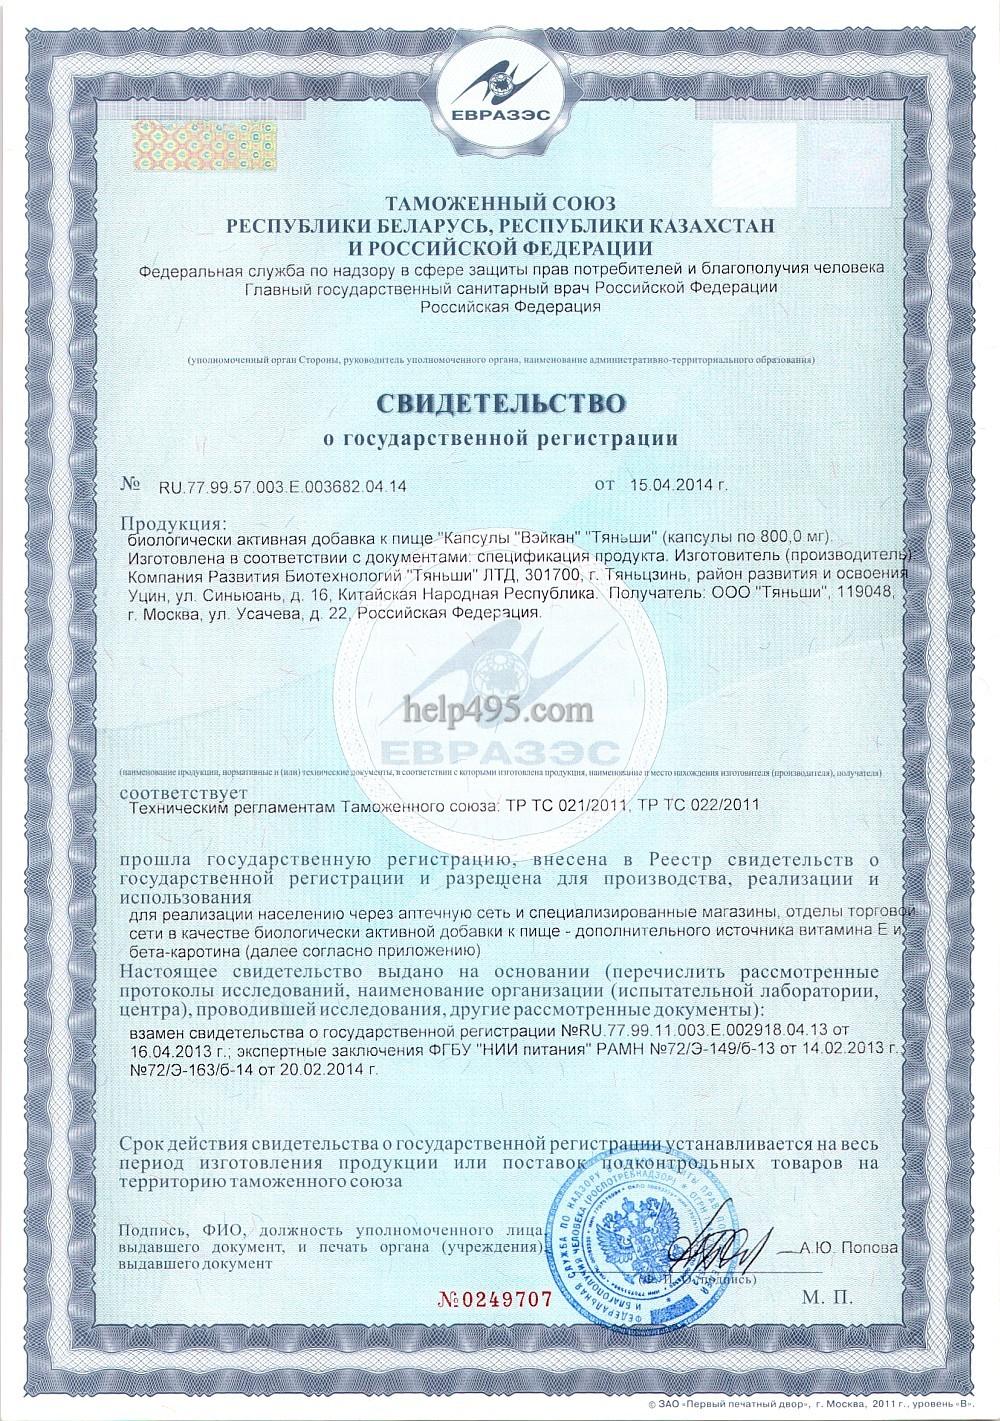 1-ая стр. сертификата препарата: Капсулы вэйкан Тяньши